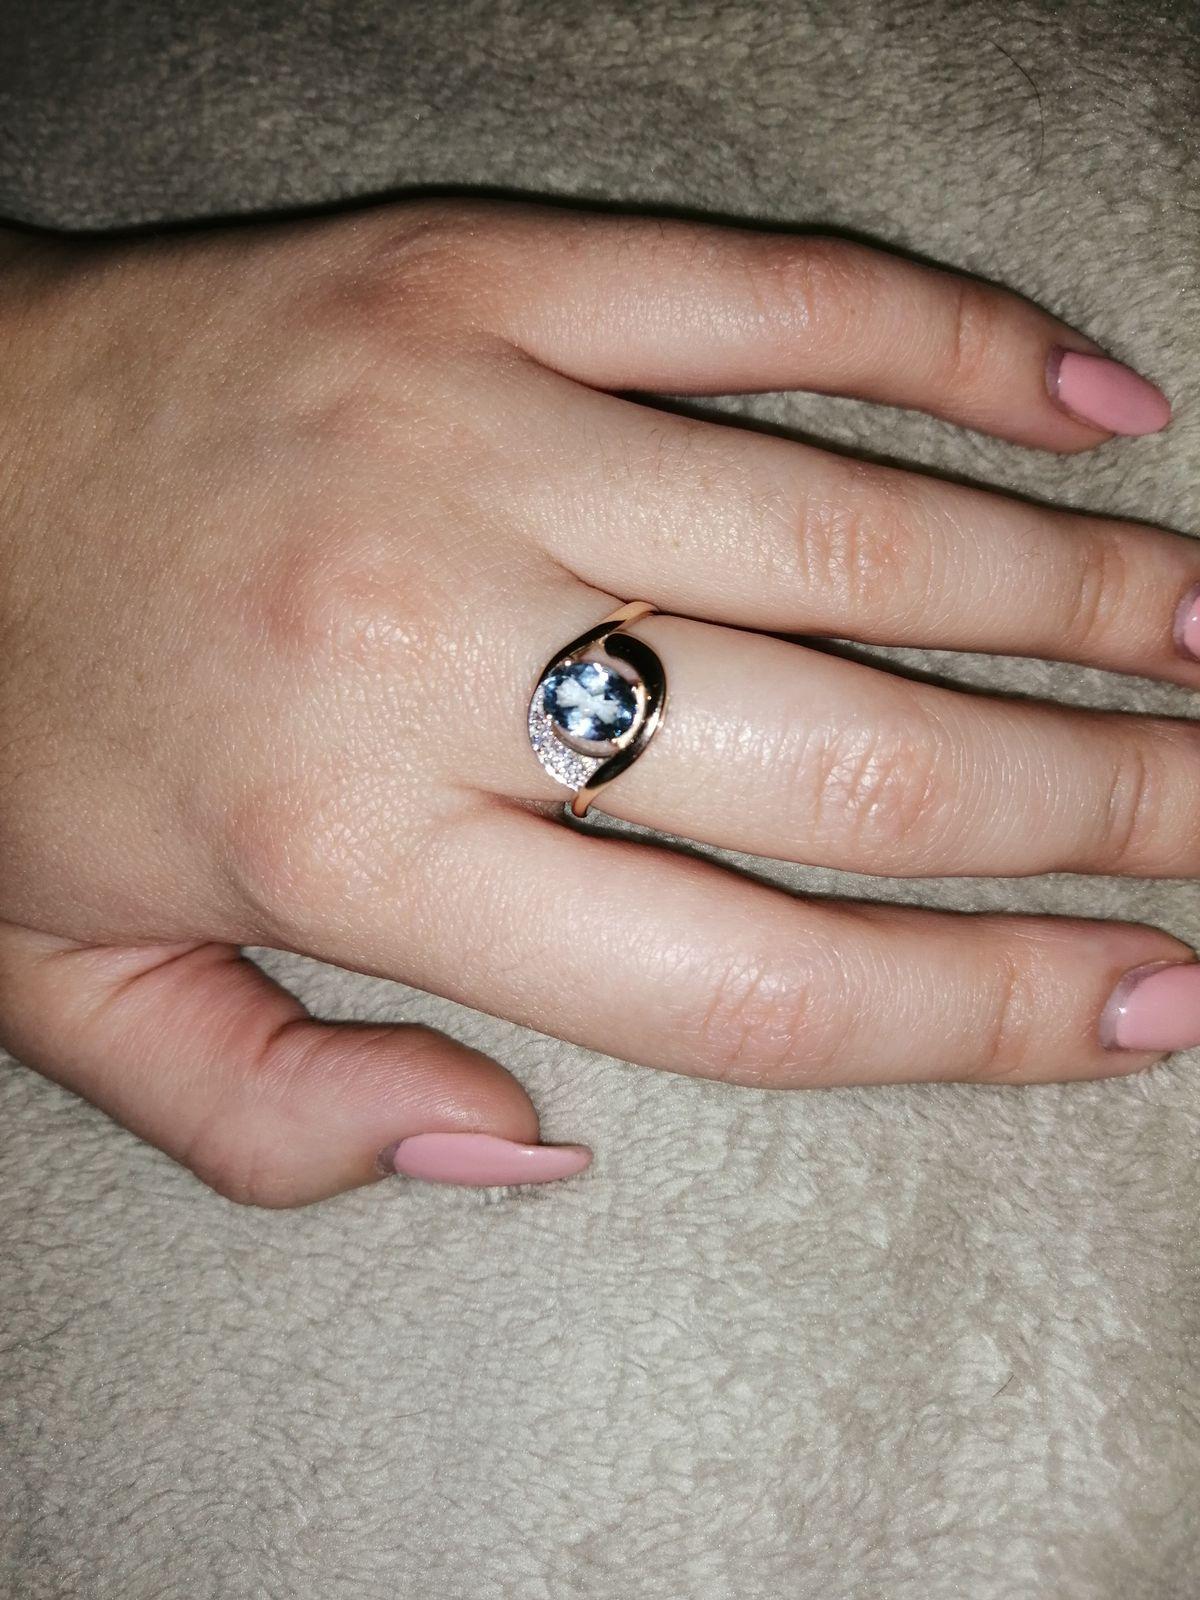 Очень красивое кольцо! Любовь с первого взгляда😍